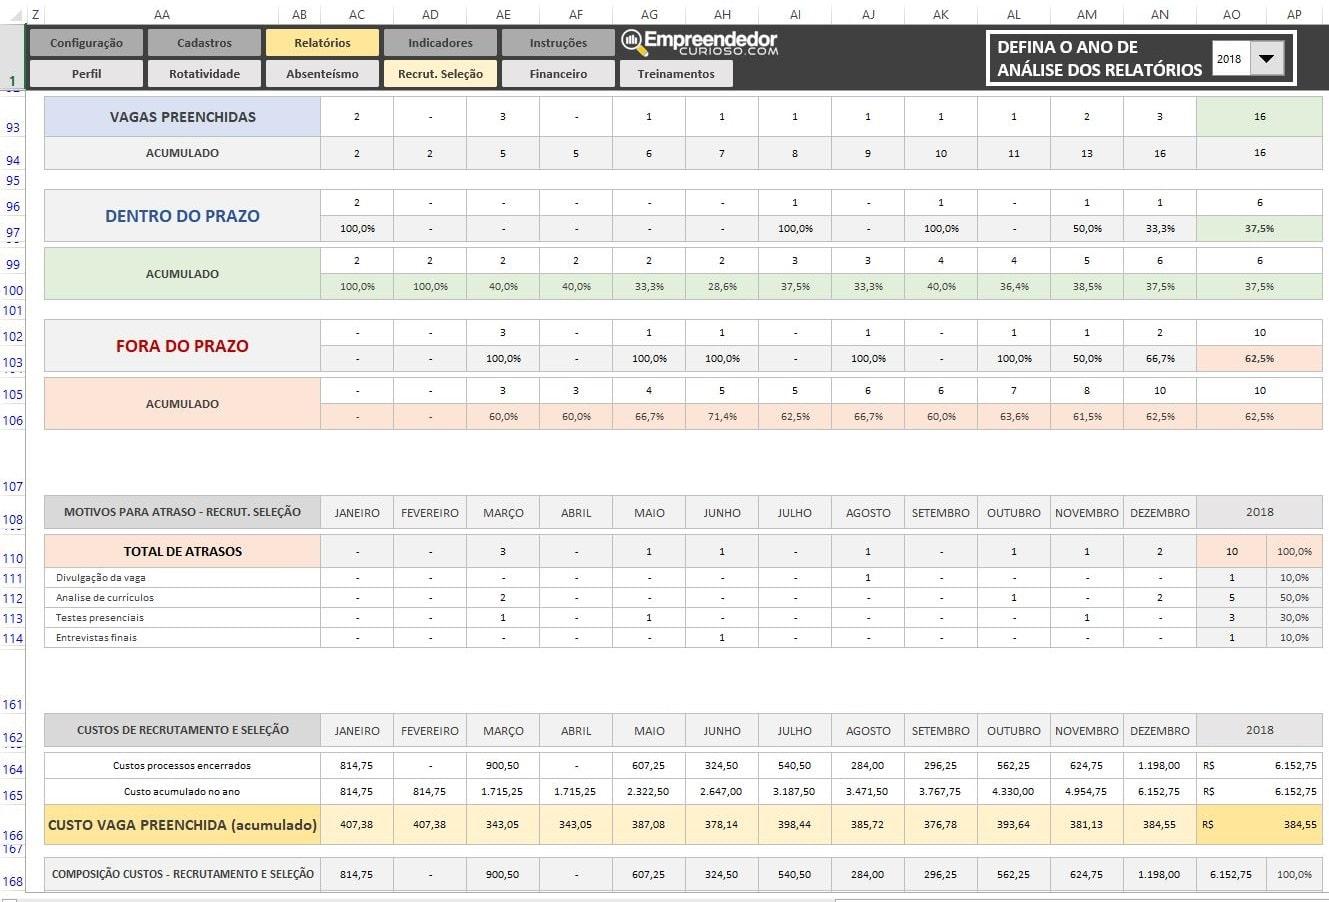 Indicadores de Recrutamento e Seleção - Relatório de processo seletivo - Indicadores de RH em Excel - vaga dentro do prazo - custo vaga preenchita.